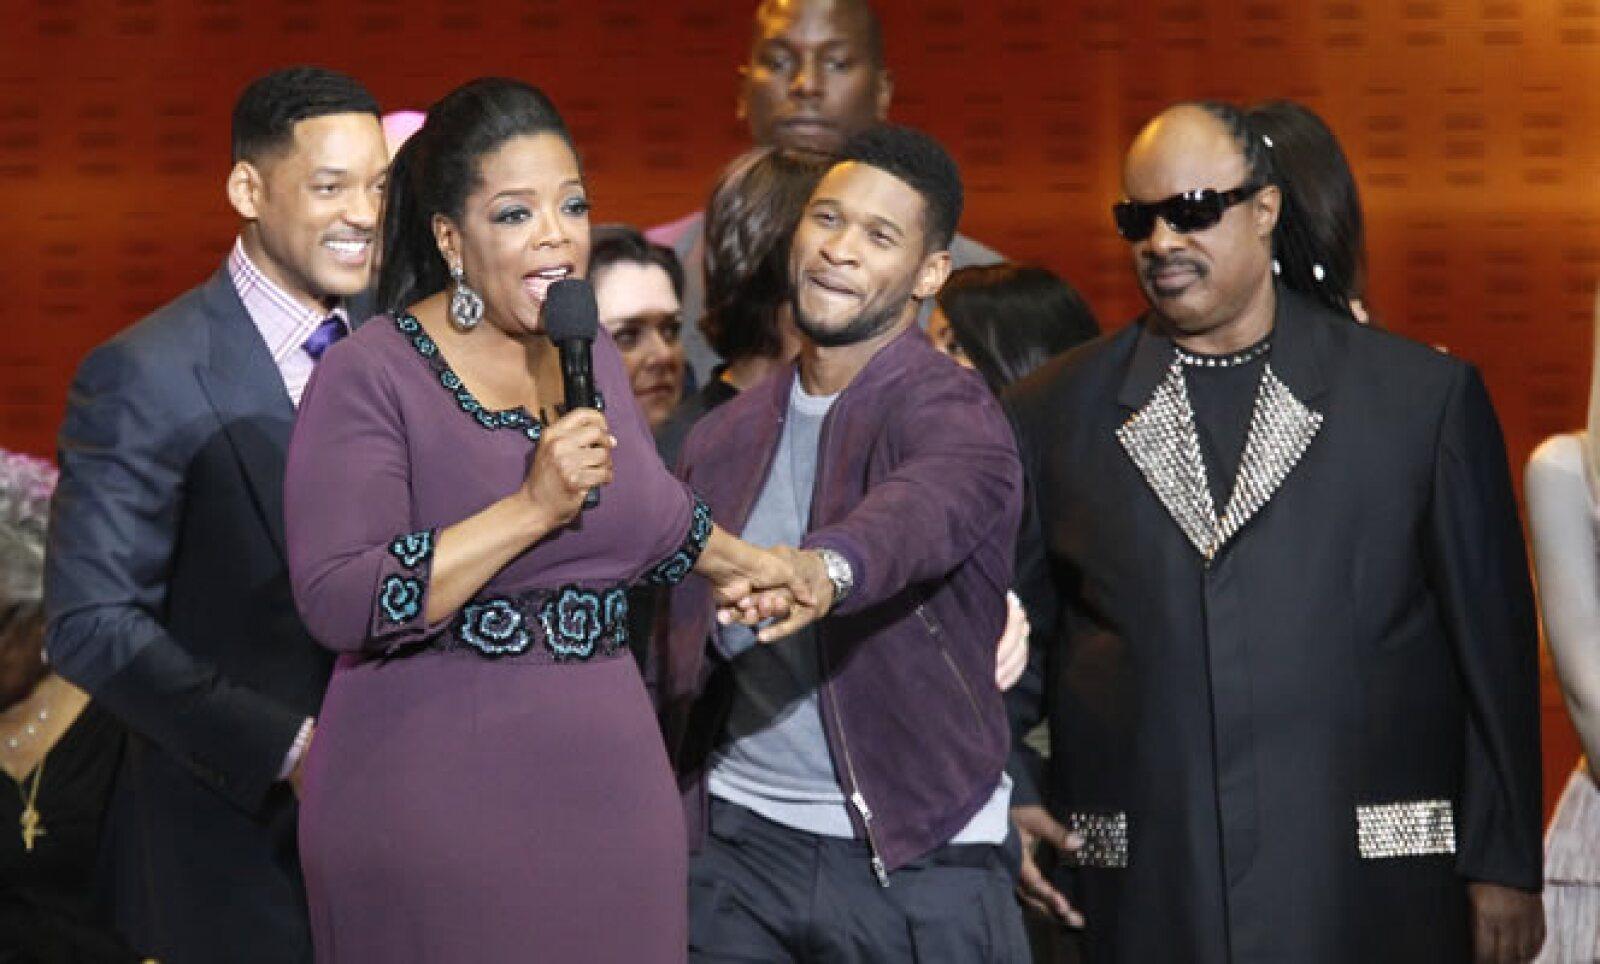 En la imagen vemos a Will Smith, Usher y Stevie Wonder. Juntos han participado en más de 30 películas y vendido más de 200 millones de copias de discos vendidos, además de aparecer en más de 20 películas.